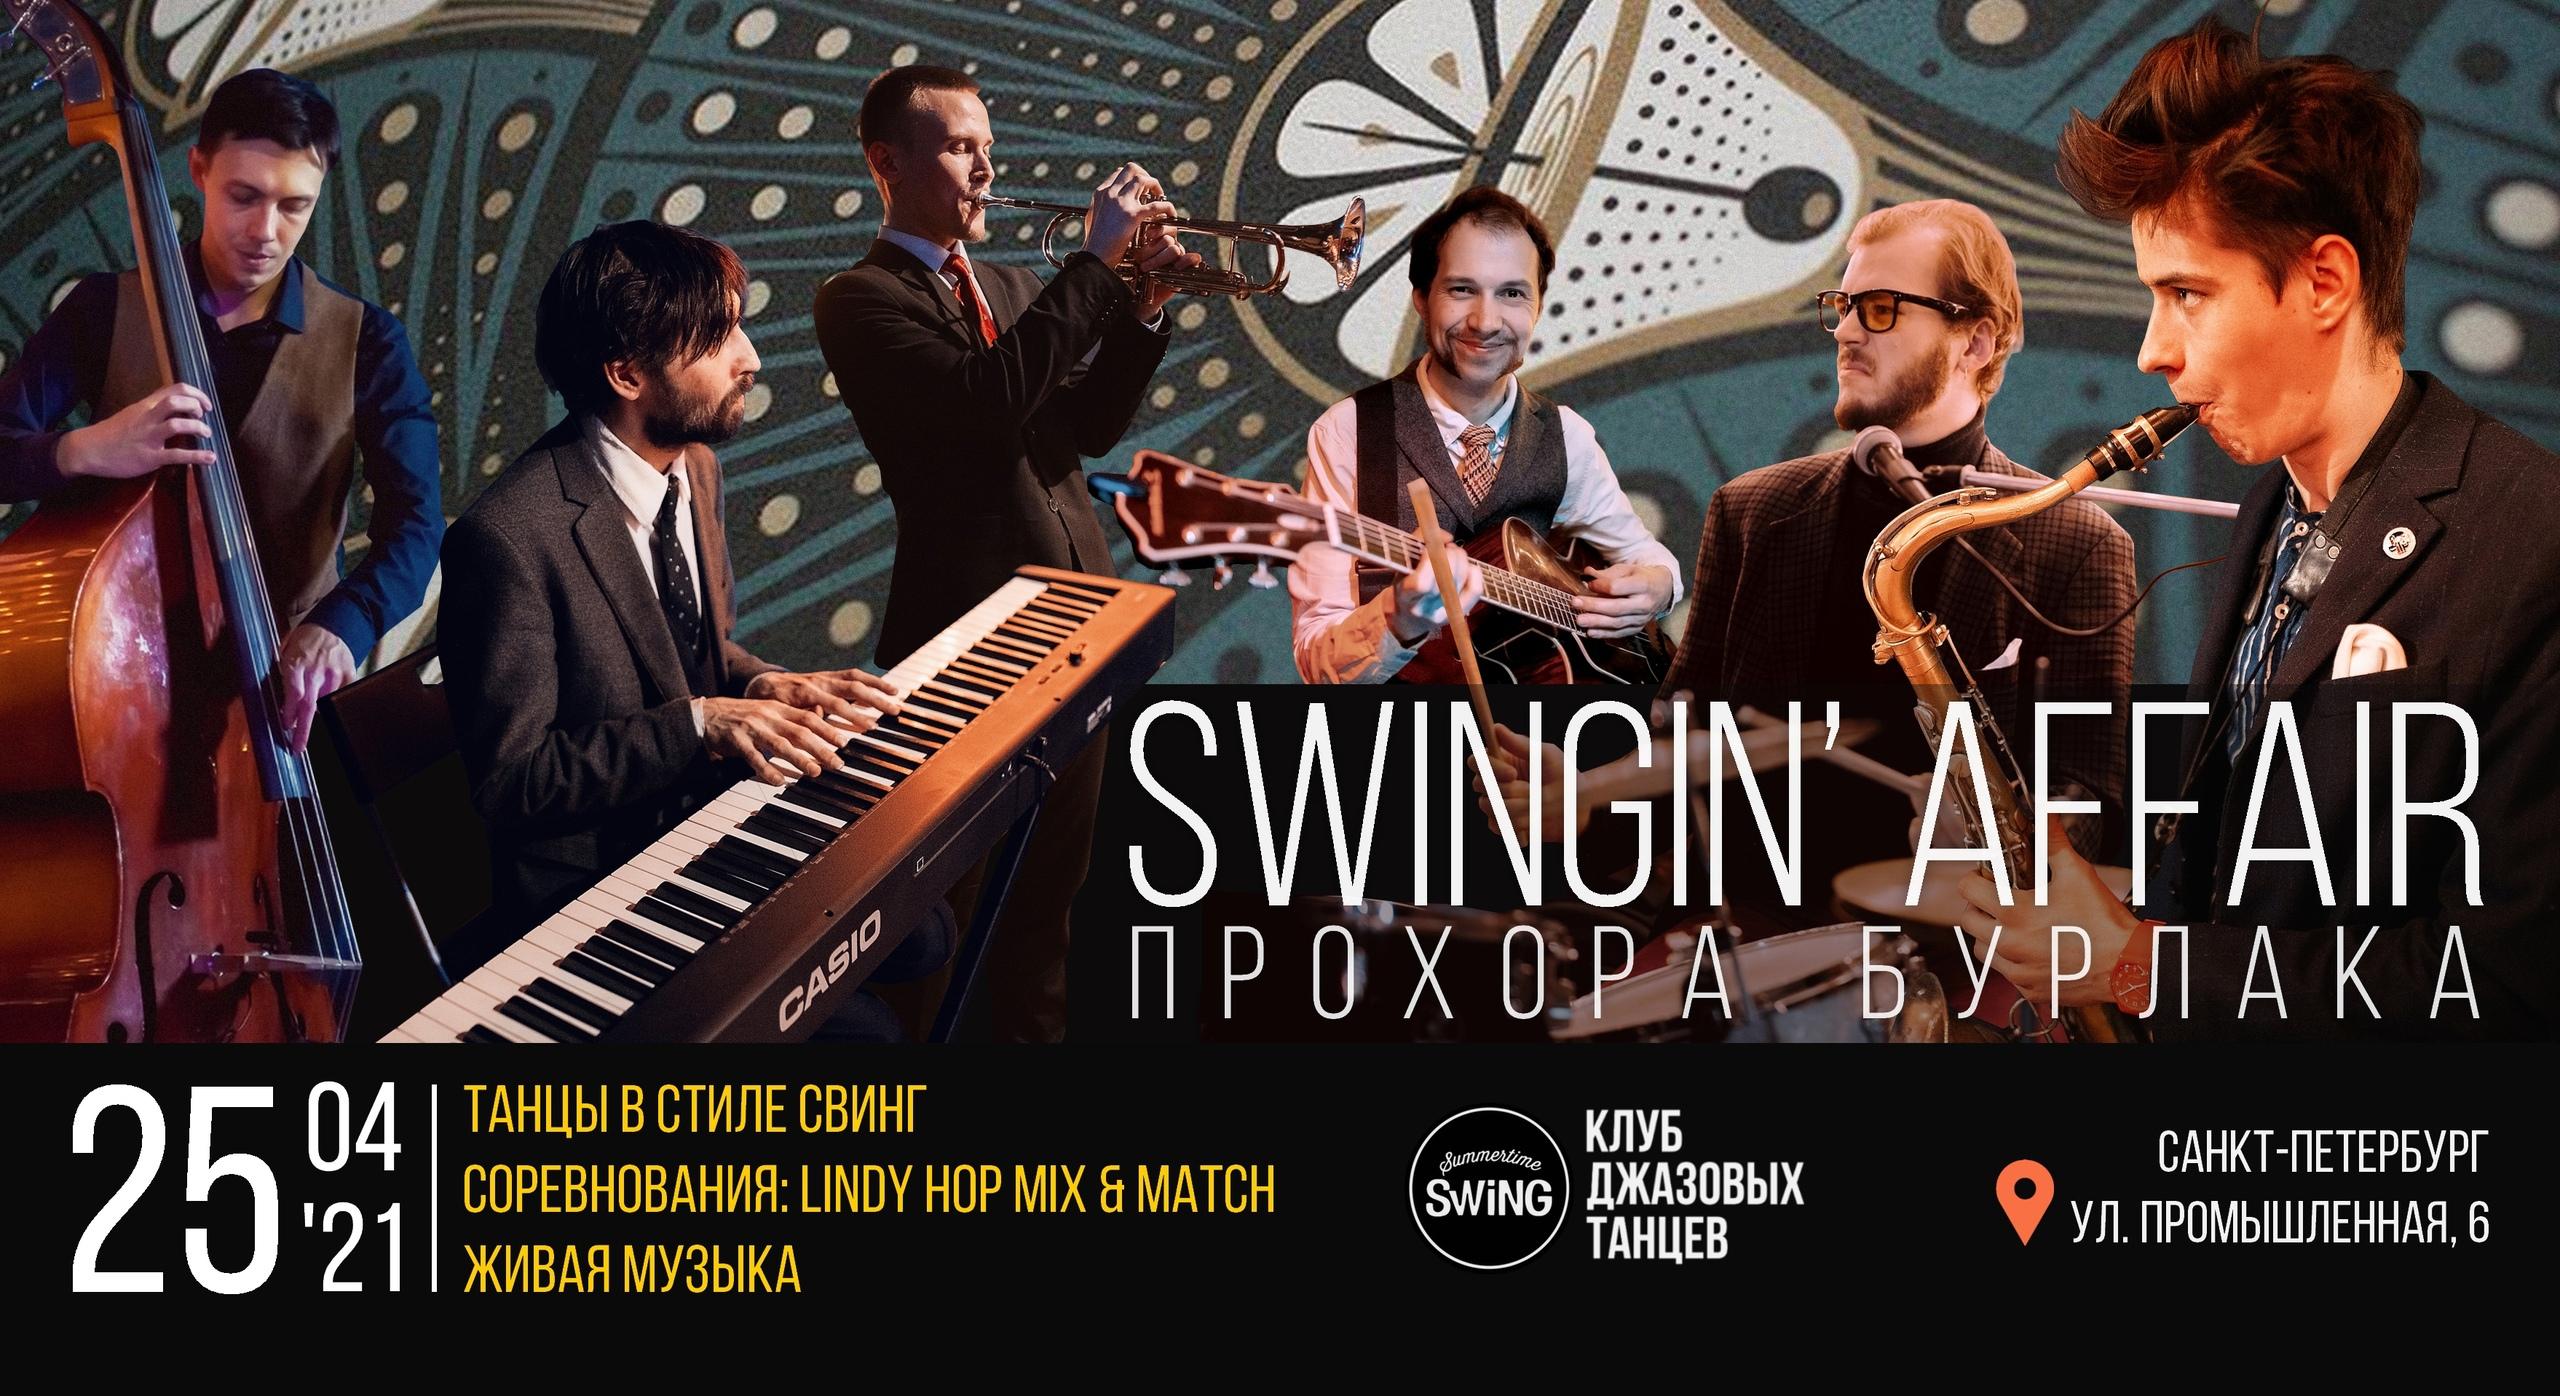 25.04 Джазовый секстет Прохора Бурлака — Swingin' Affair в  Summertime Swing!